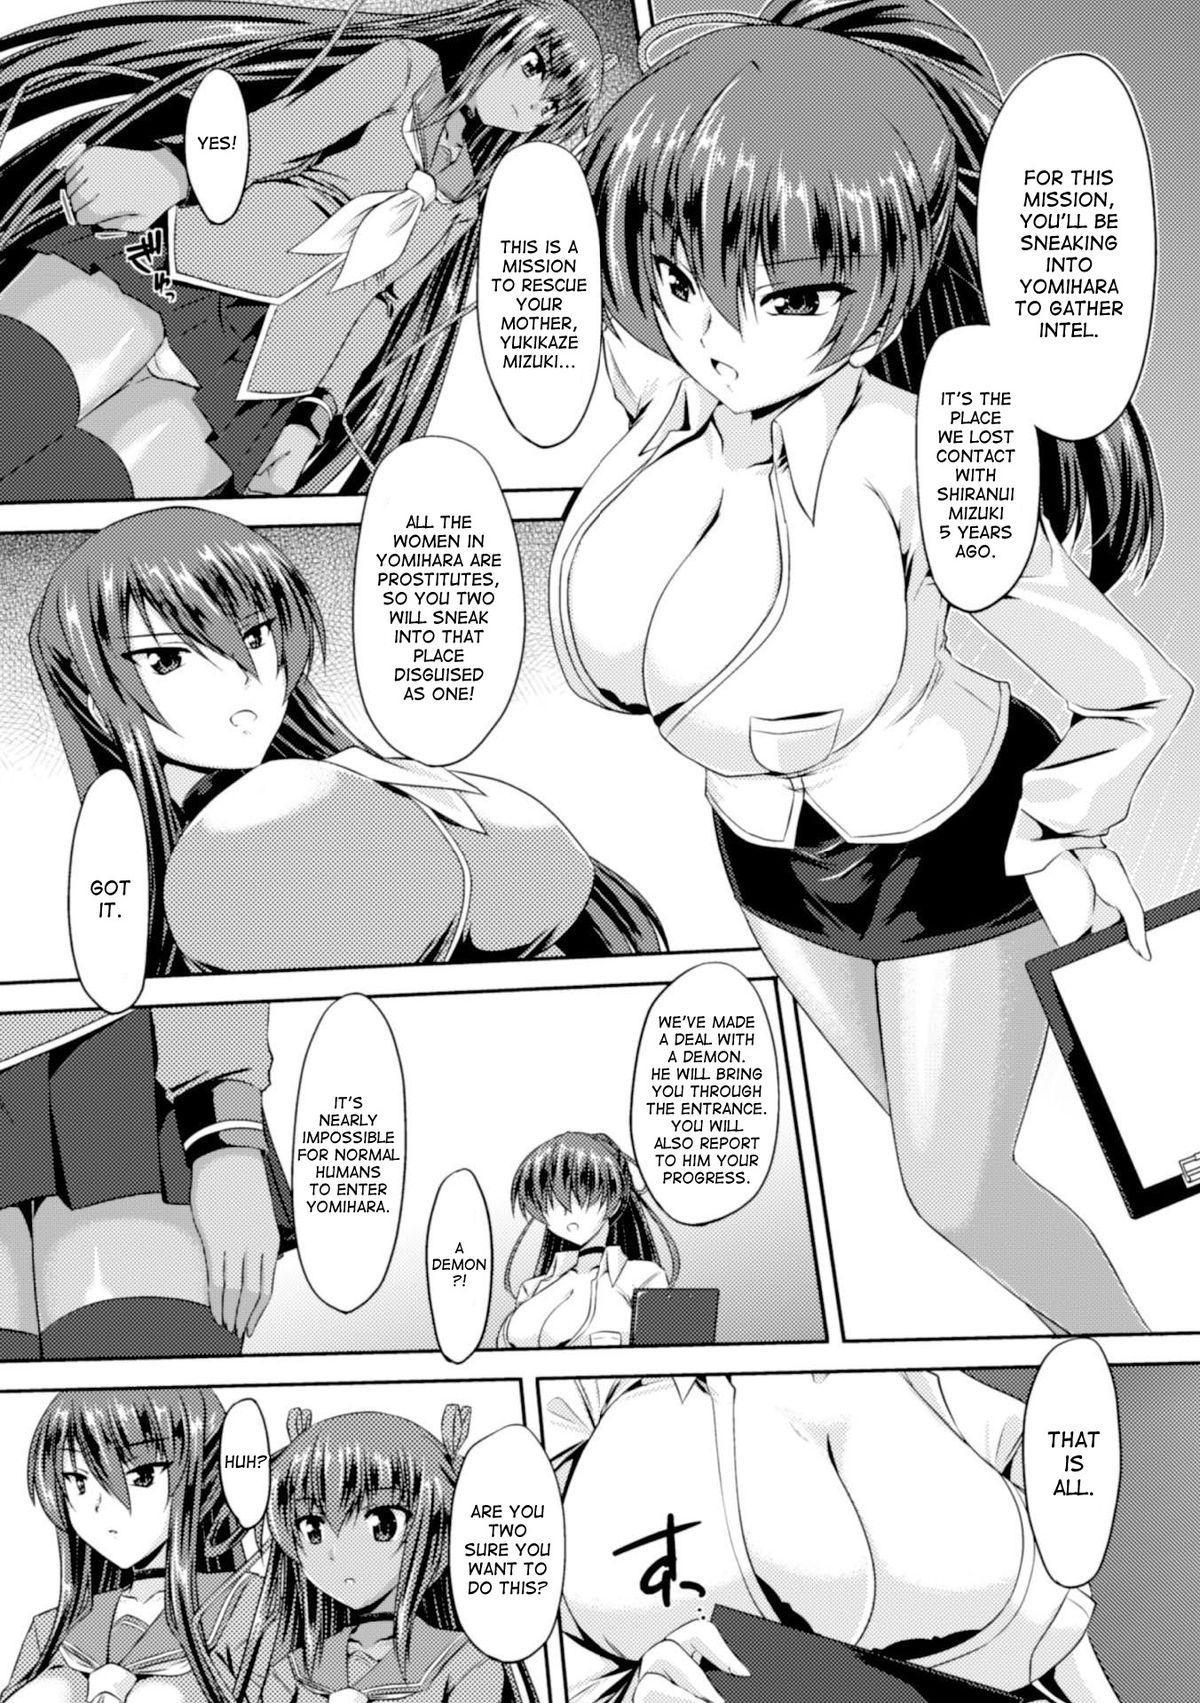 [Gonzaburo-] Taimanin Yukikaze - Taimanin wa Ingoku ni Shizumu #1-6 | Taimanin Yukikaze - Taimanin's fall into the lewd hell #1-5 [English] [desudesu] [Digital] 13